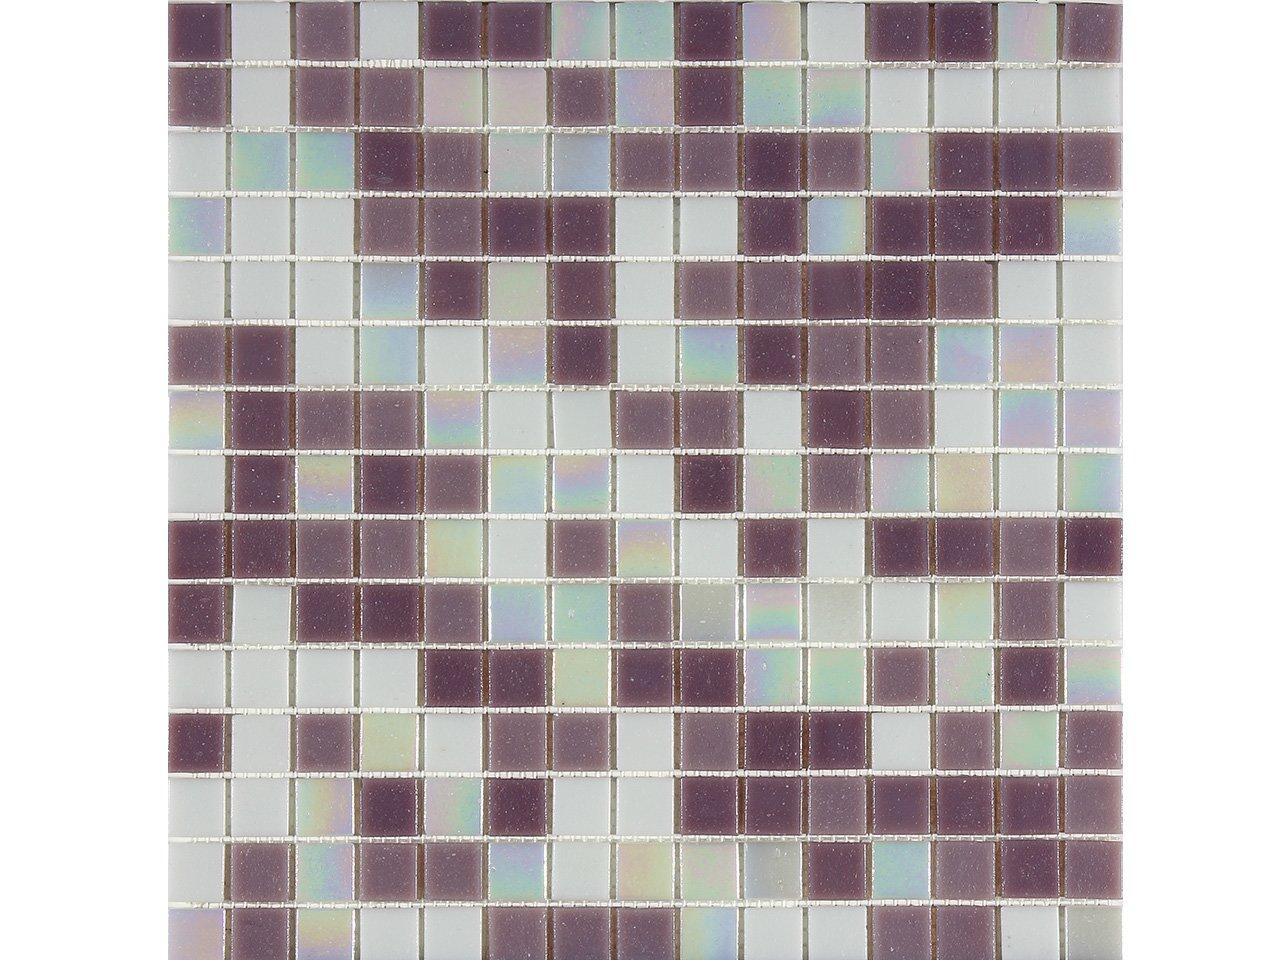 Mos vetro mix lilla iperceramica for Paraschizzi cucina mosaico